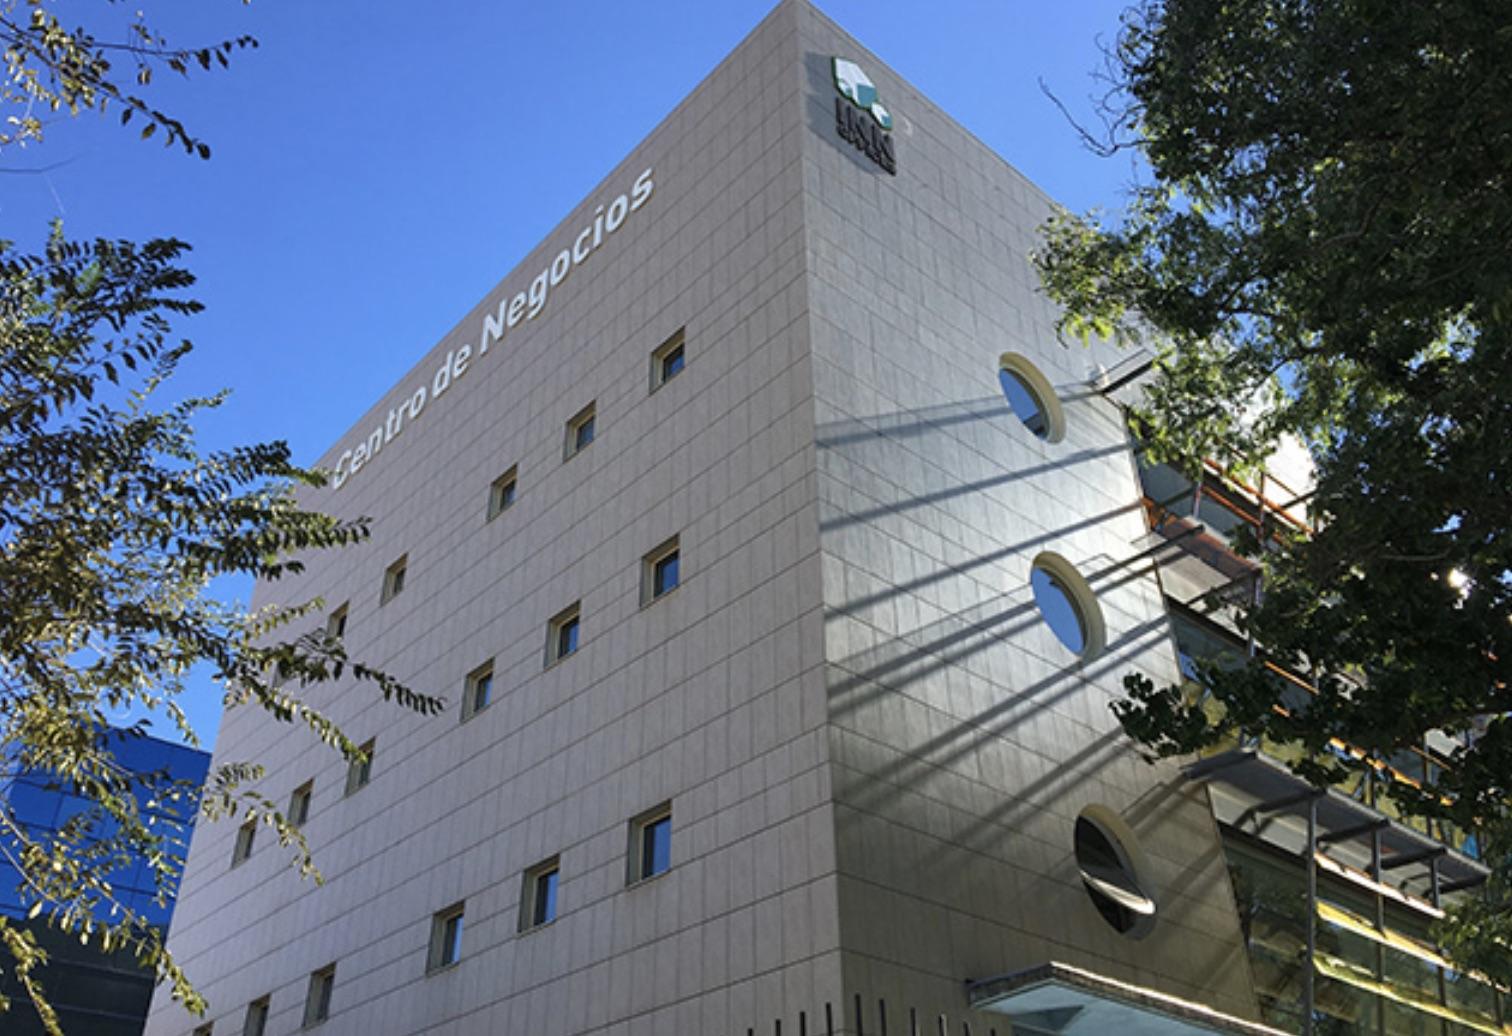 Edificio del centro de negocios de INN Offices